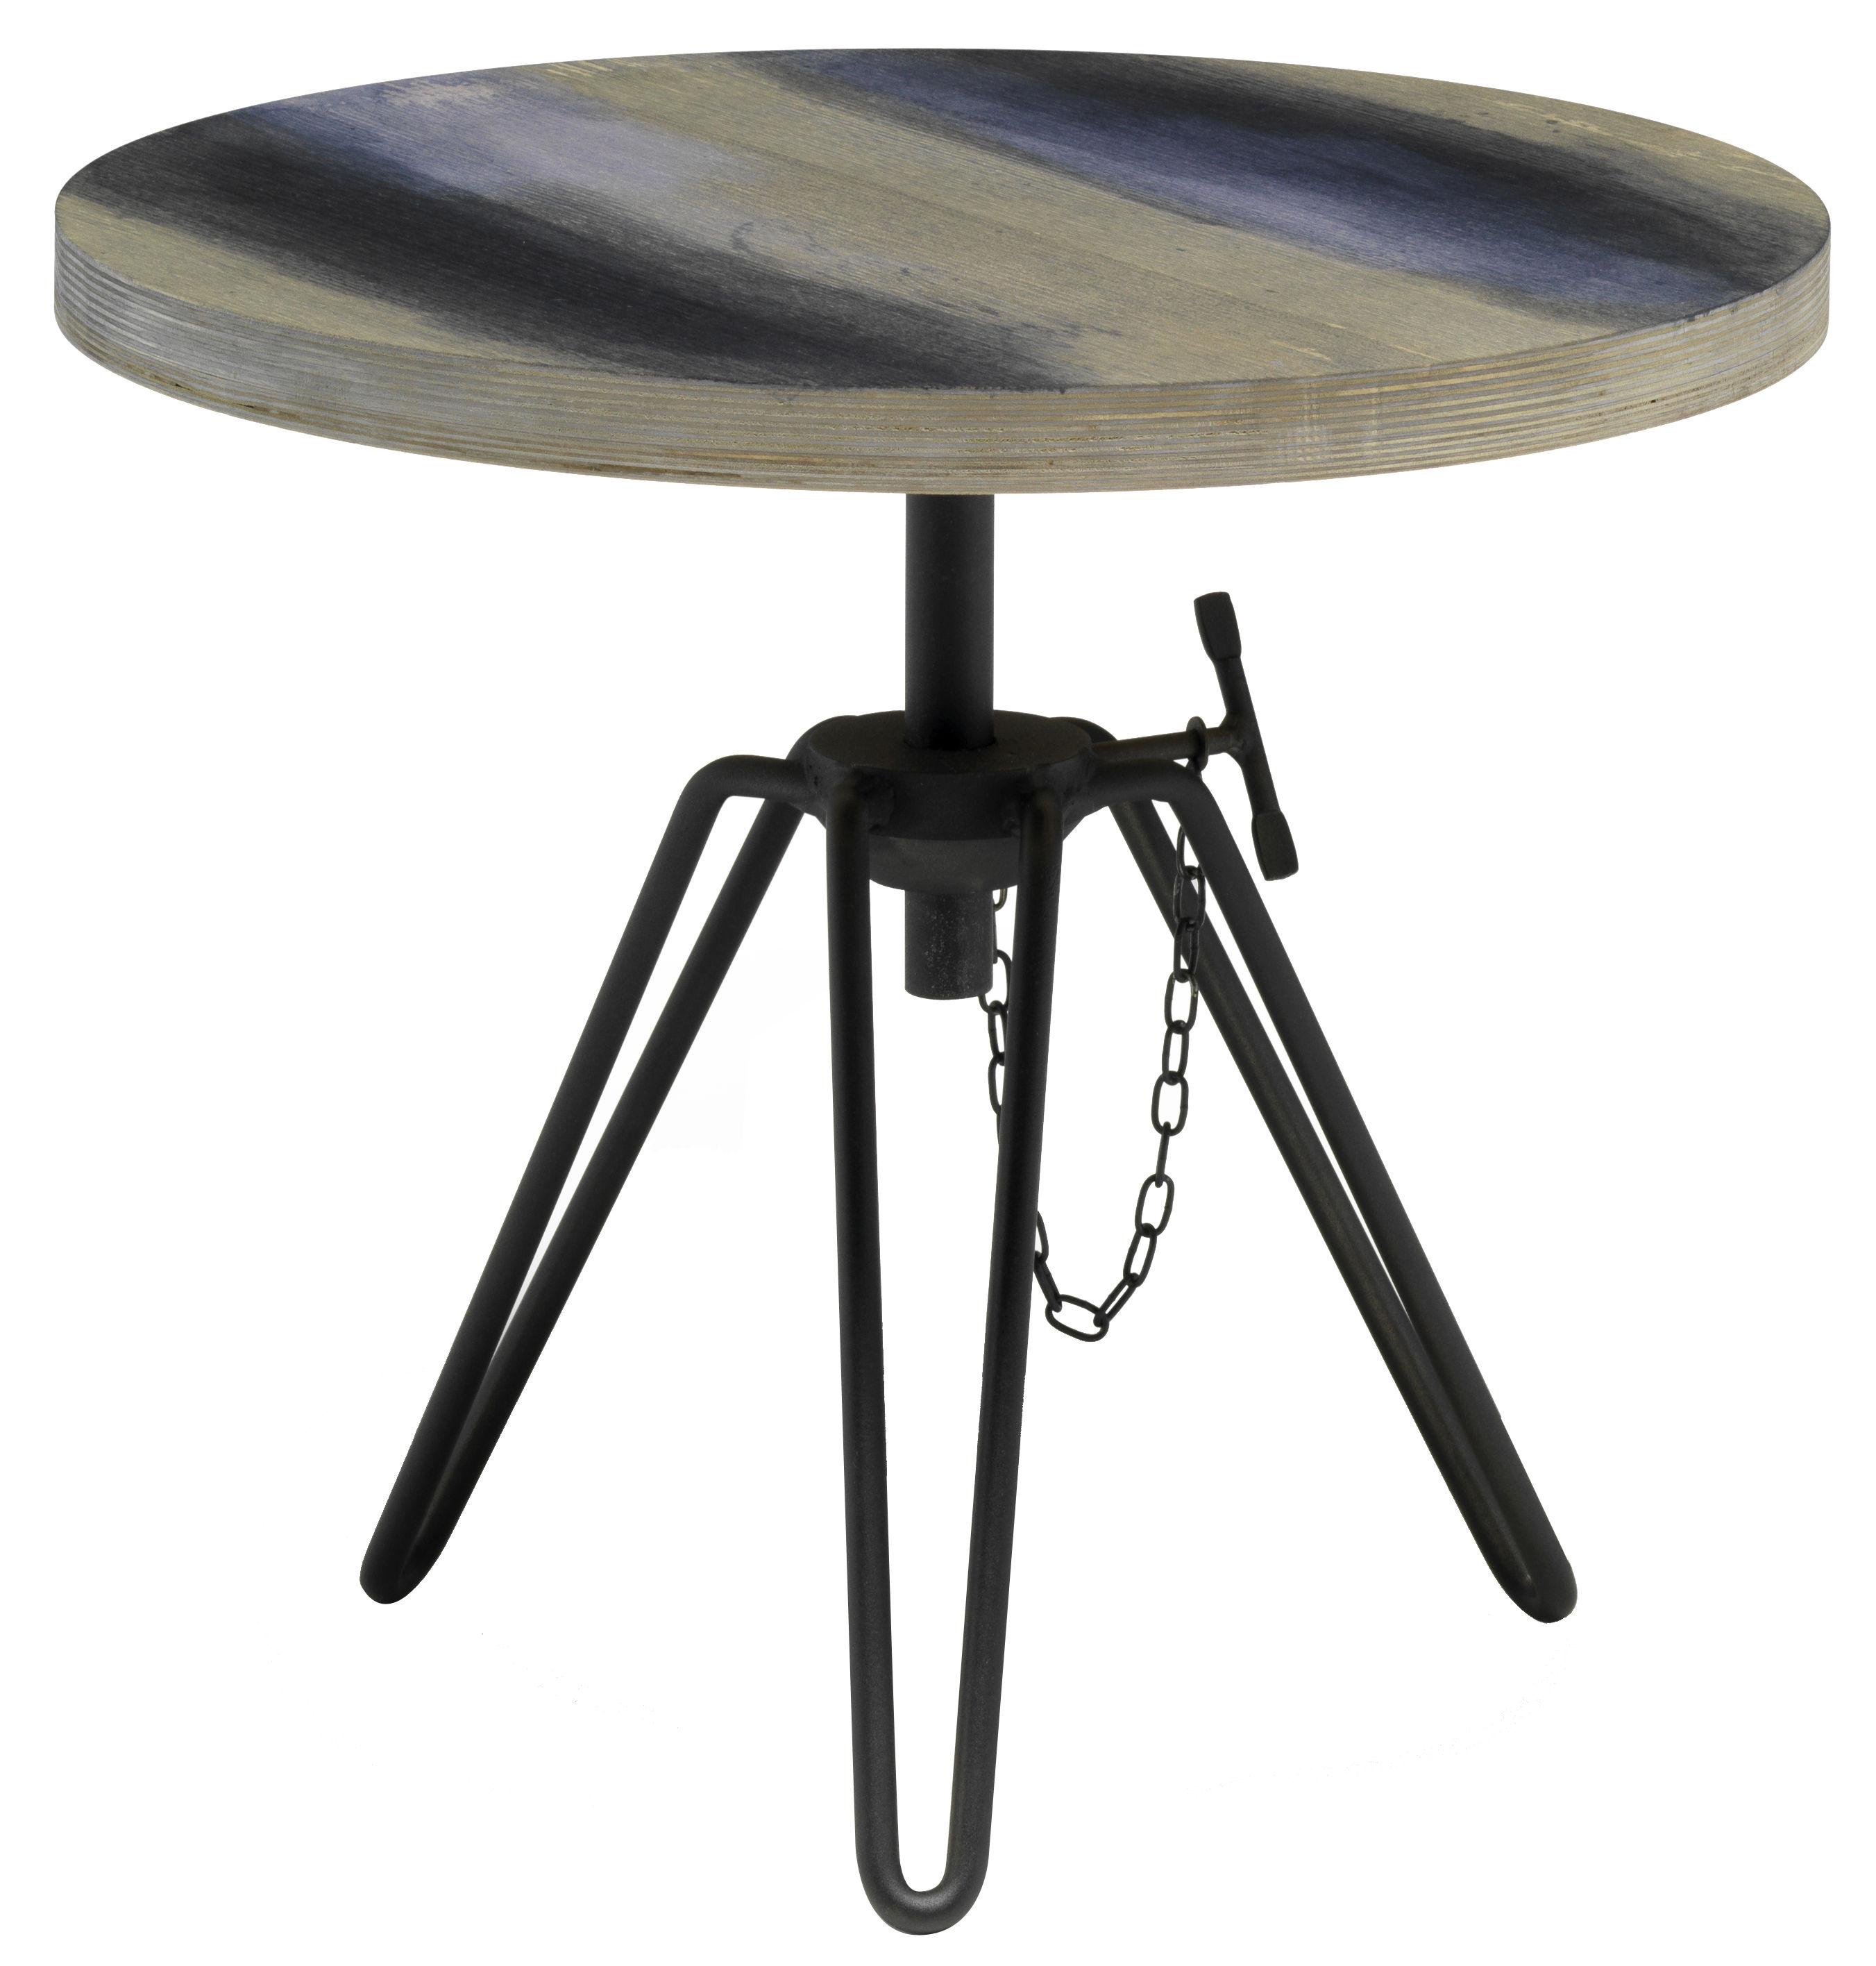 Mobilier - Tables basses - Table basse Overdyed / Hauteur réglable - Ø 50 cm - Diesel with Moroso - Gris délavé - Acier laqué, Verre